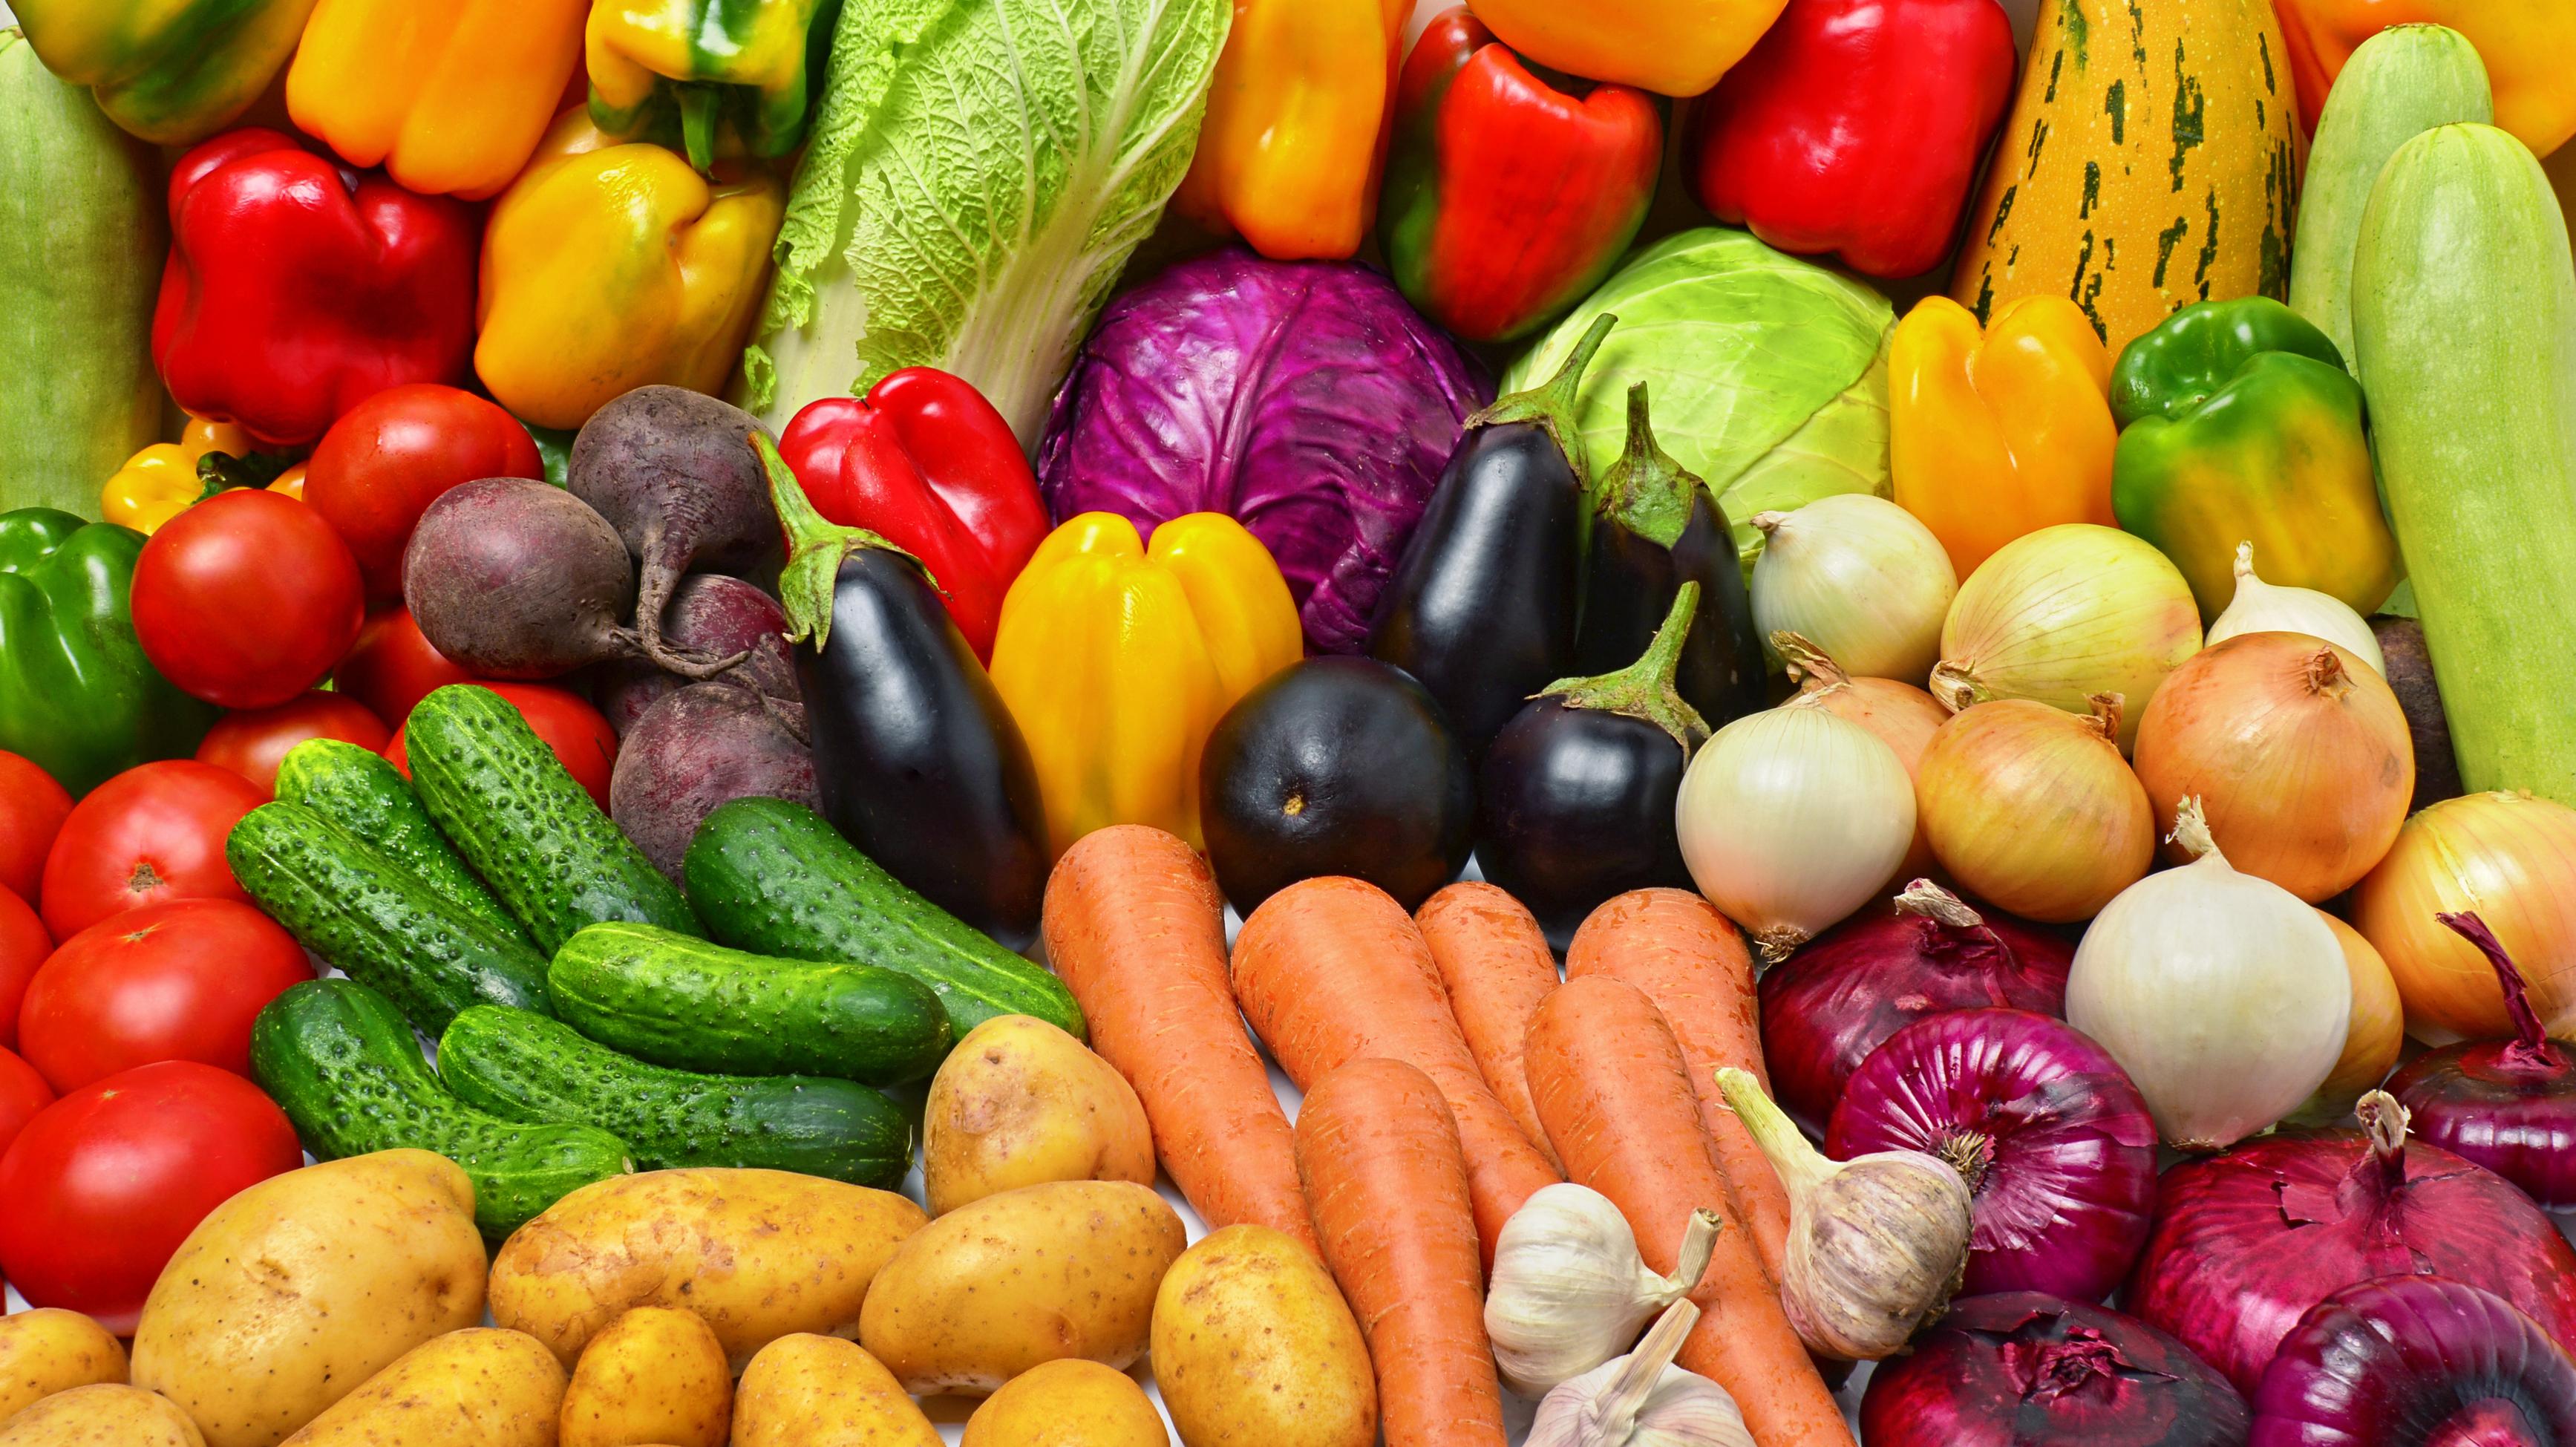 Yemek Hazırlarken Hayatınızı Kolaylaştıracak 10 Pratik Çözüm